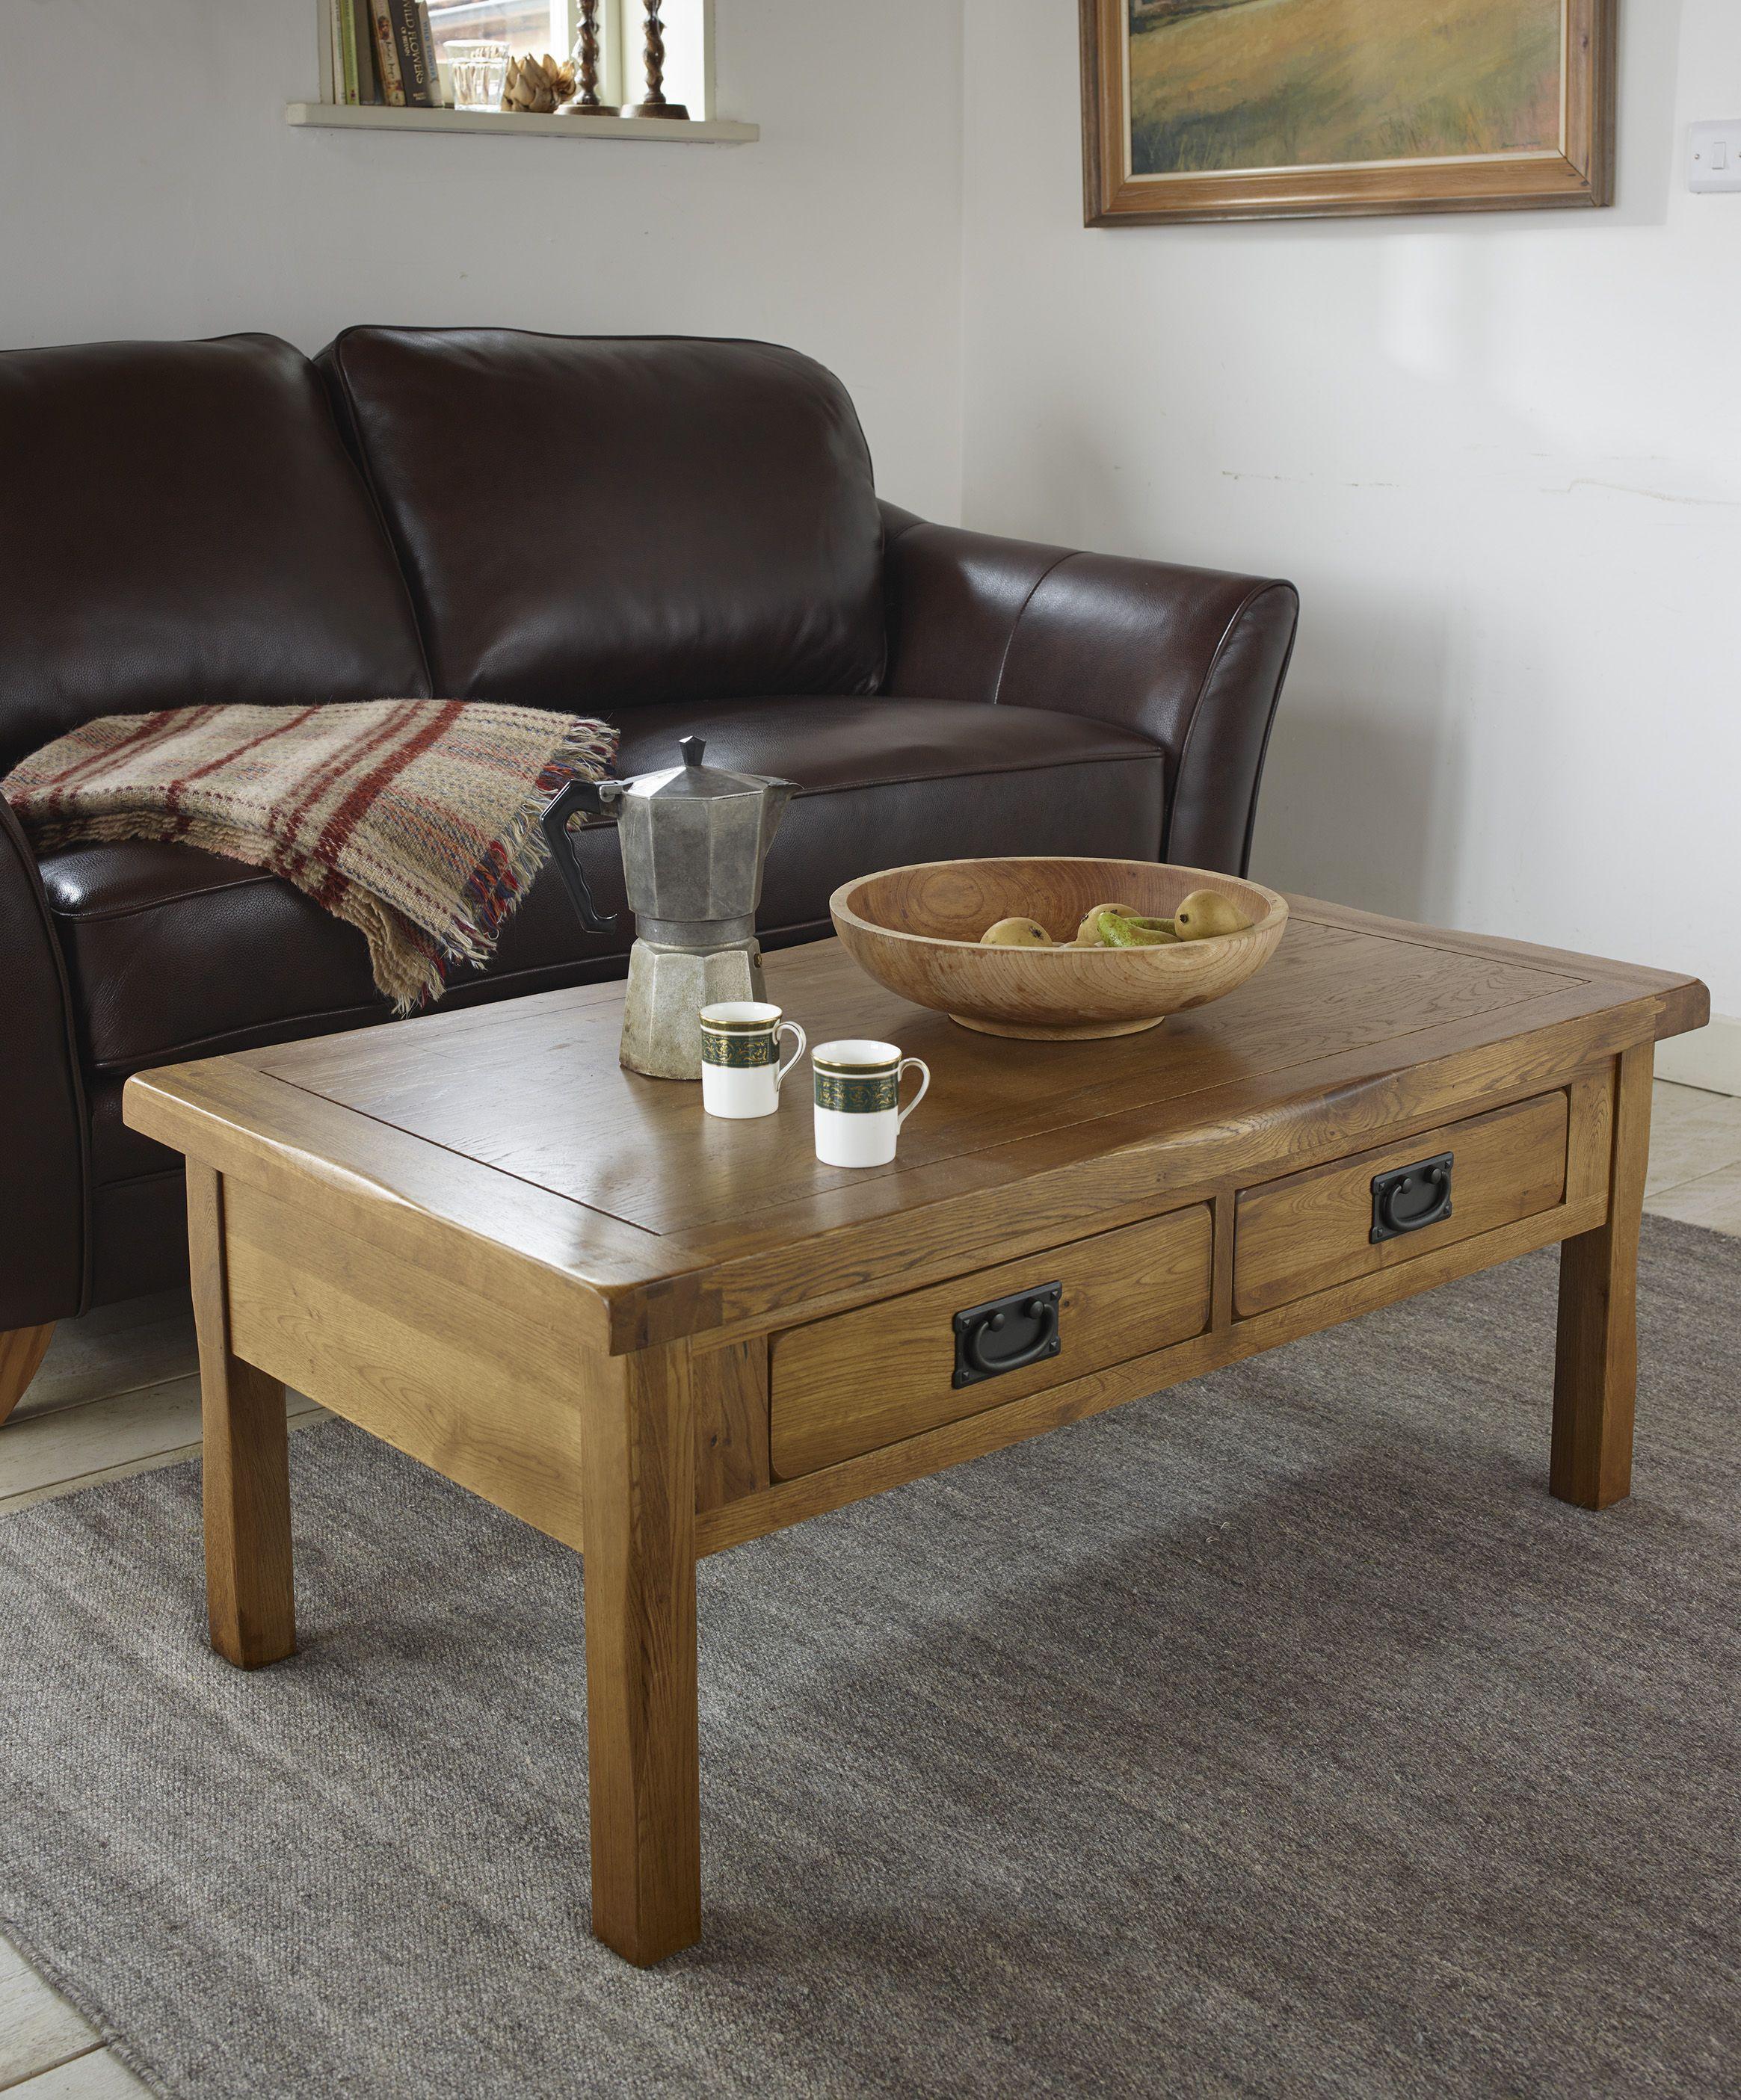 Rustic Coffee Table In 100 Solid Oak Oak Furnitureland Rustic Coffee Table Sets Coffee Table Rustic Coffee Tables [ 2810 x 2329 Pixel ]